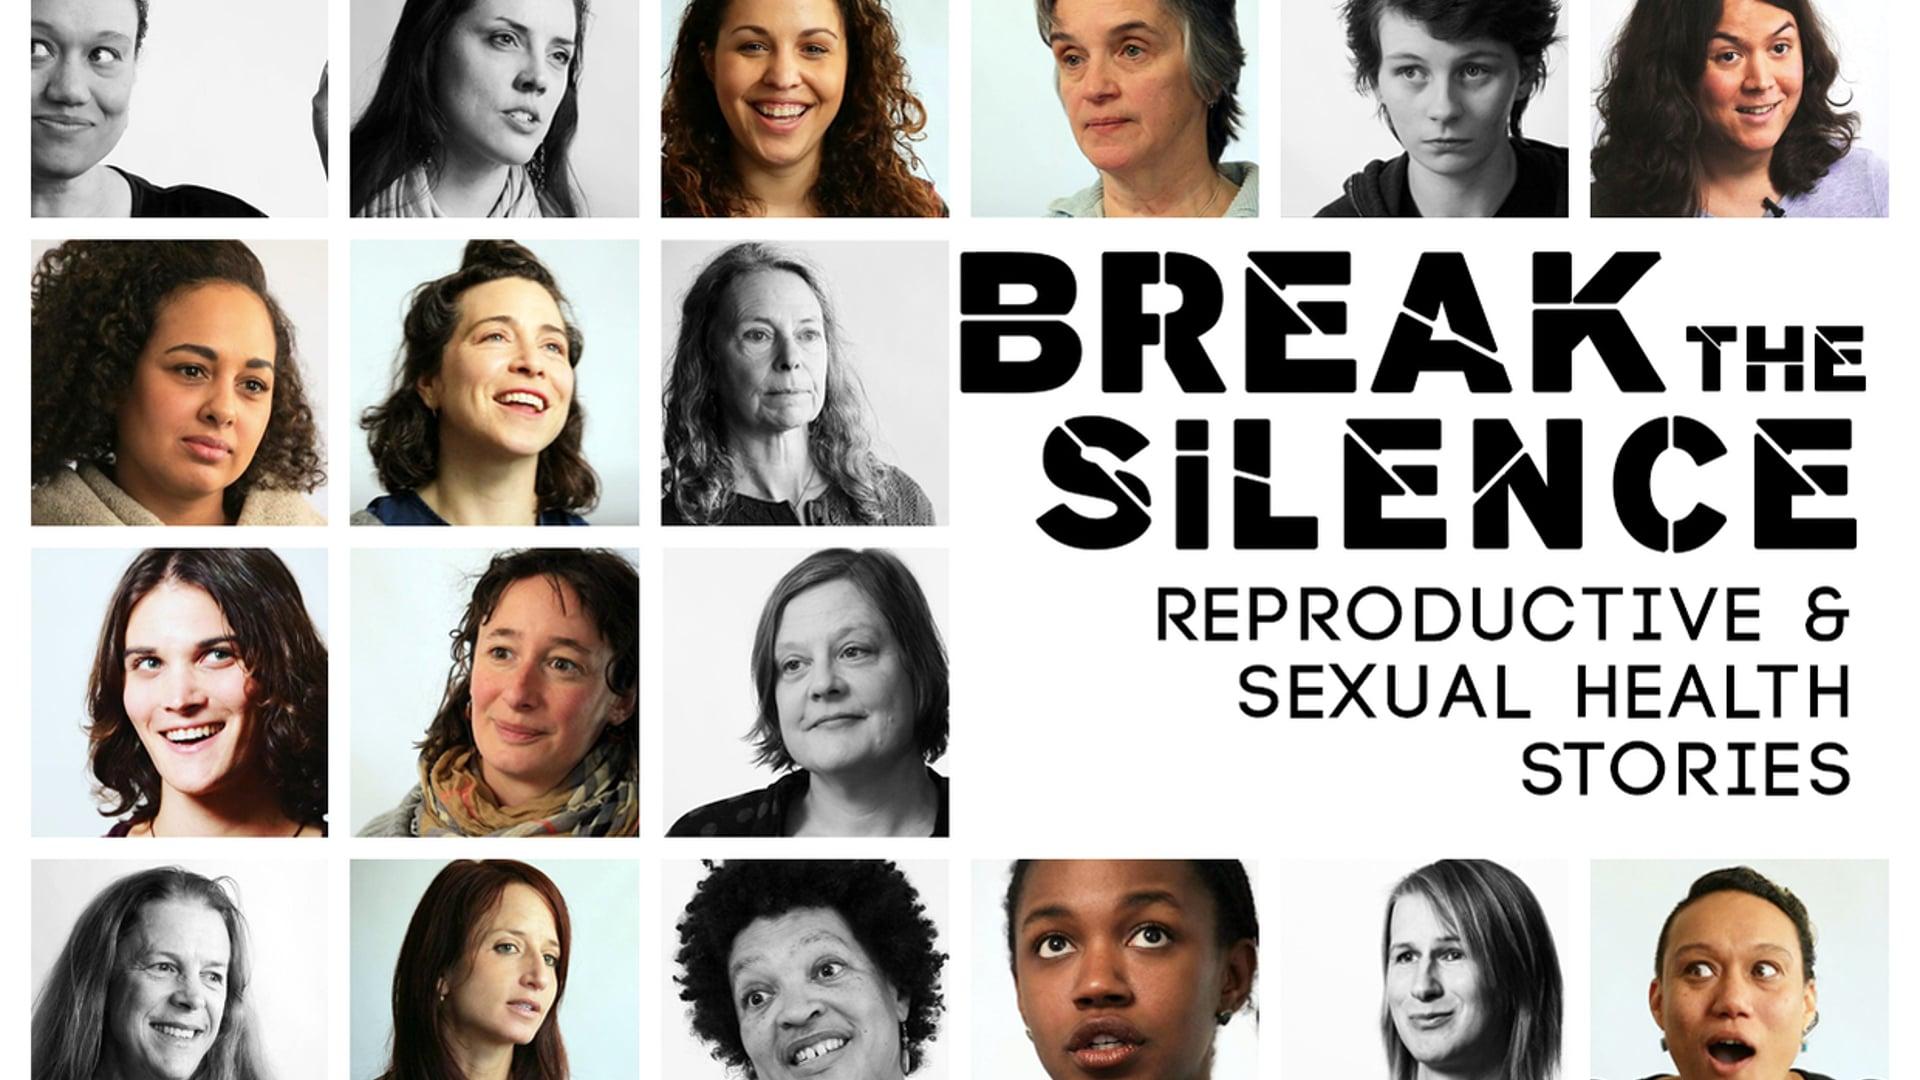 Break the Silence - Official Trailer